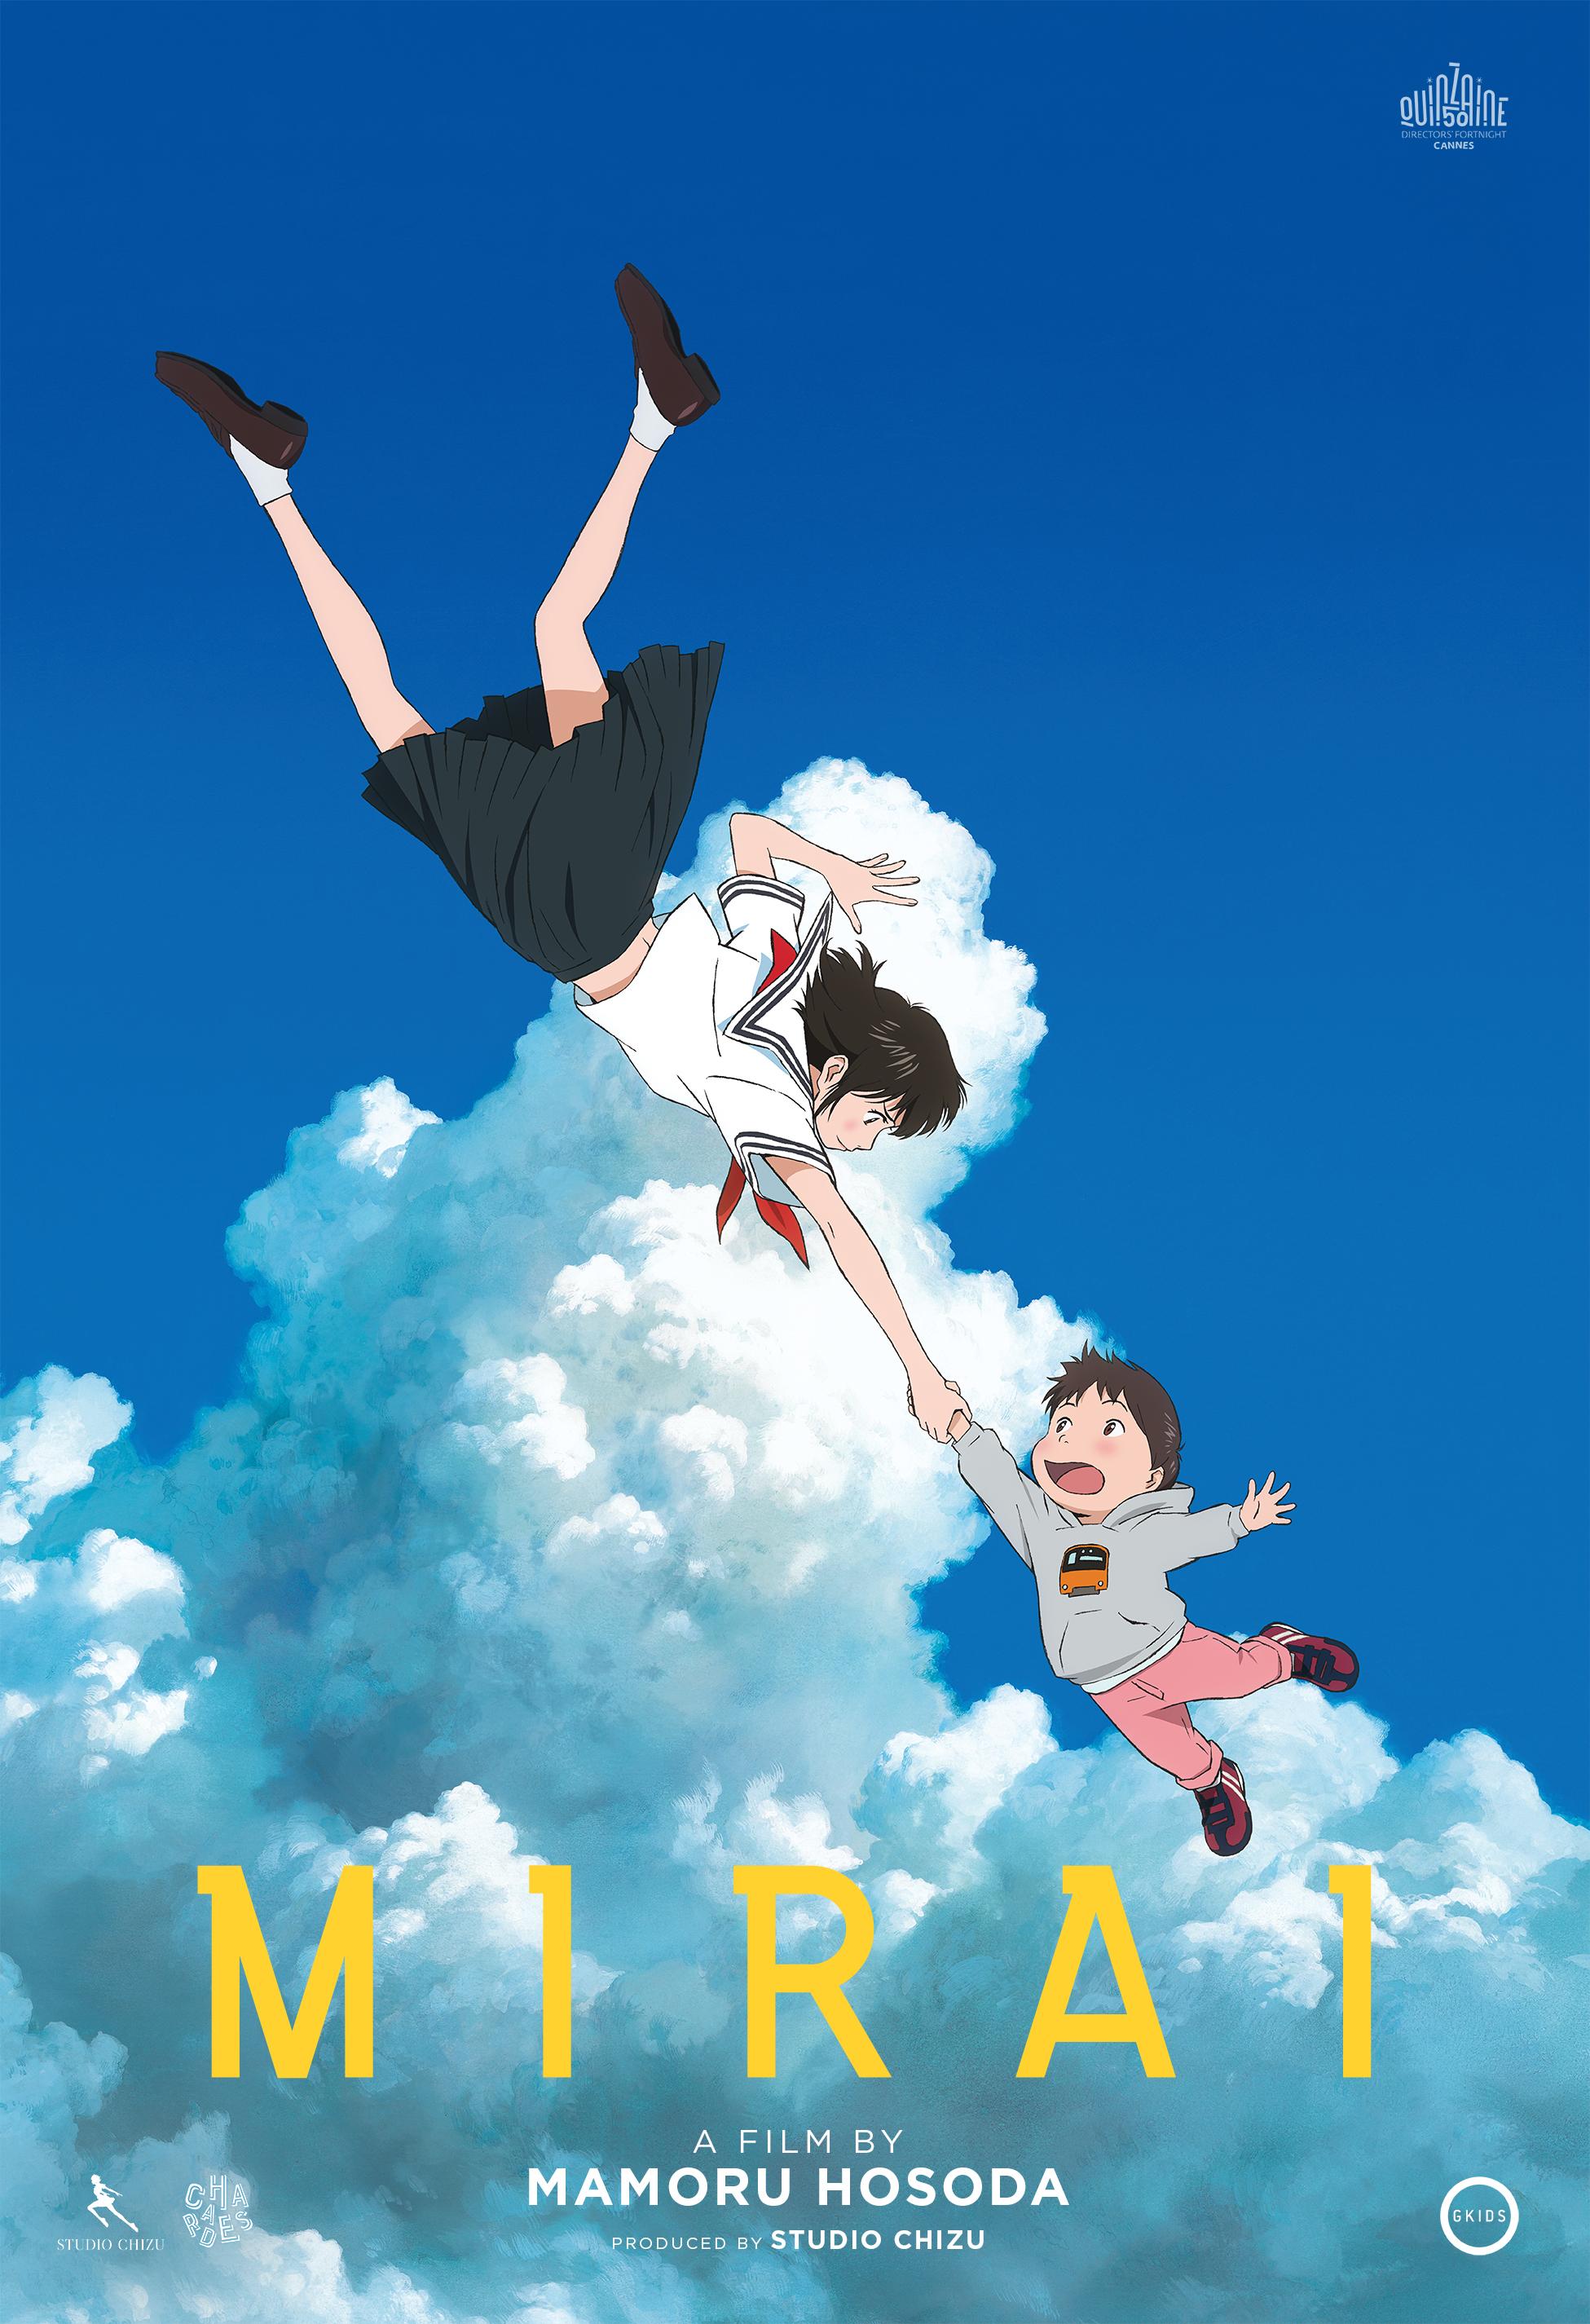 Mirai_teaser_finish_web.jpg